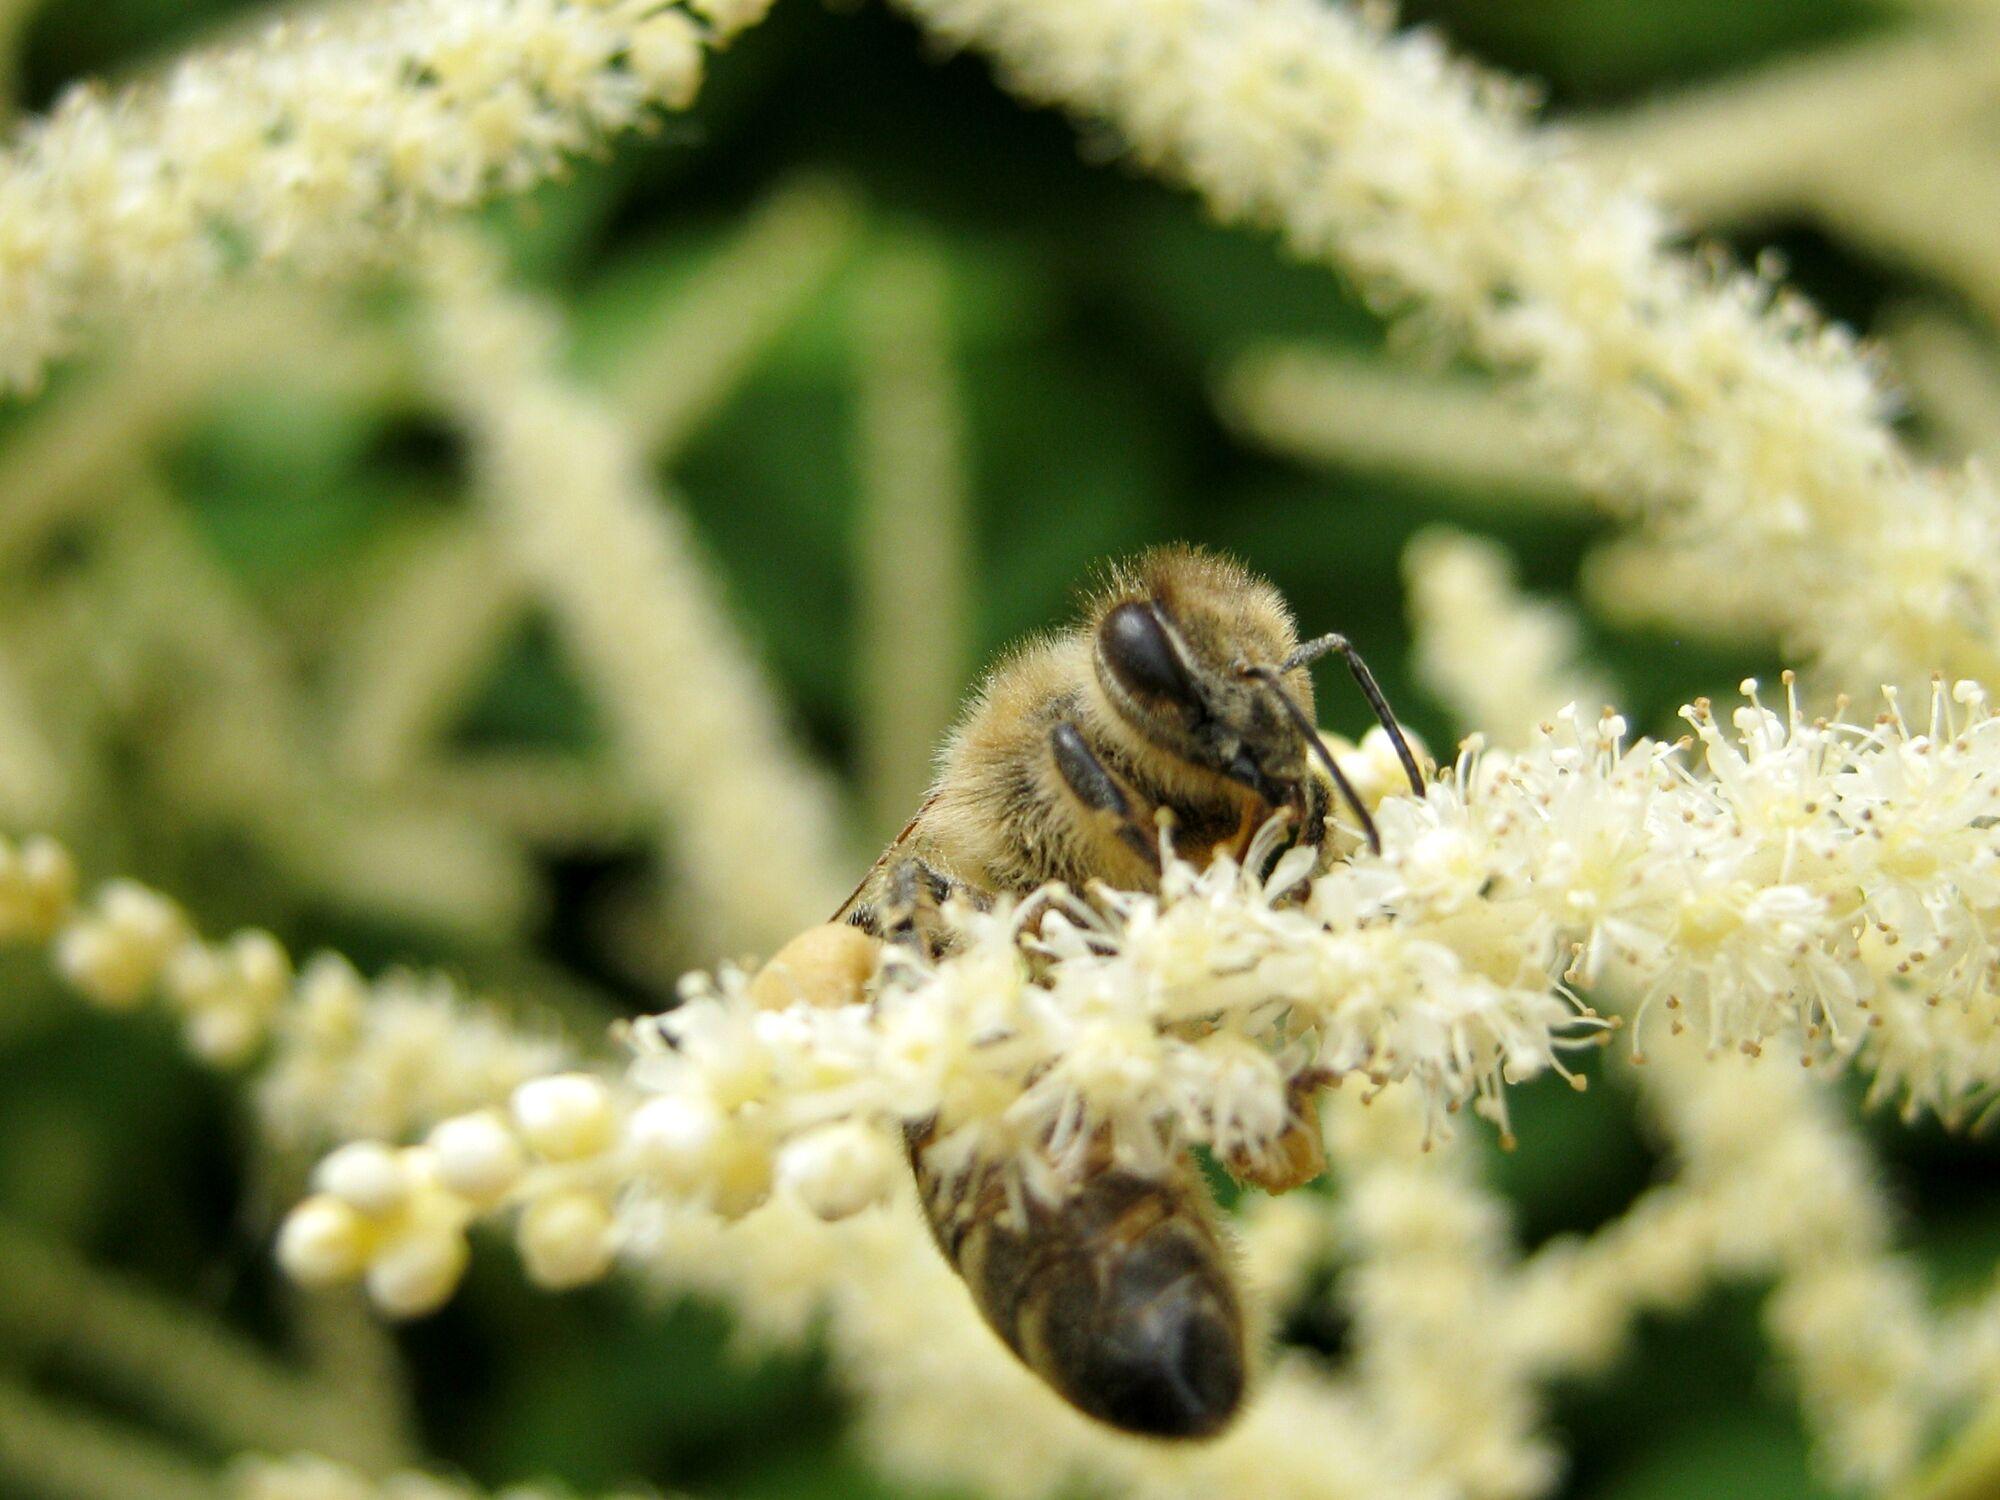 Bild mit Tiere, Tiere, Blumen, Insekten, Bienen, Tier, Blume, Fotografien, Biene, Honig, Insekt